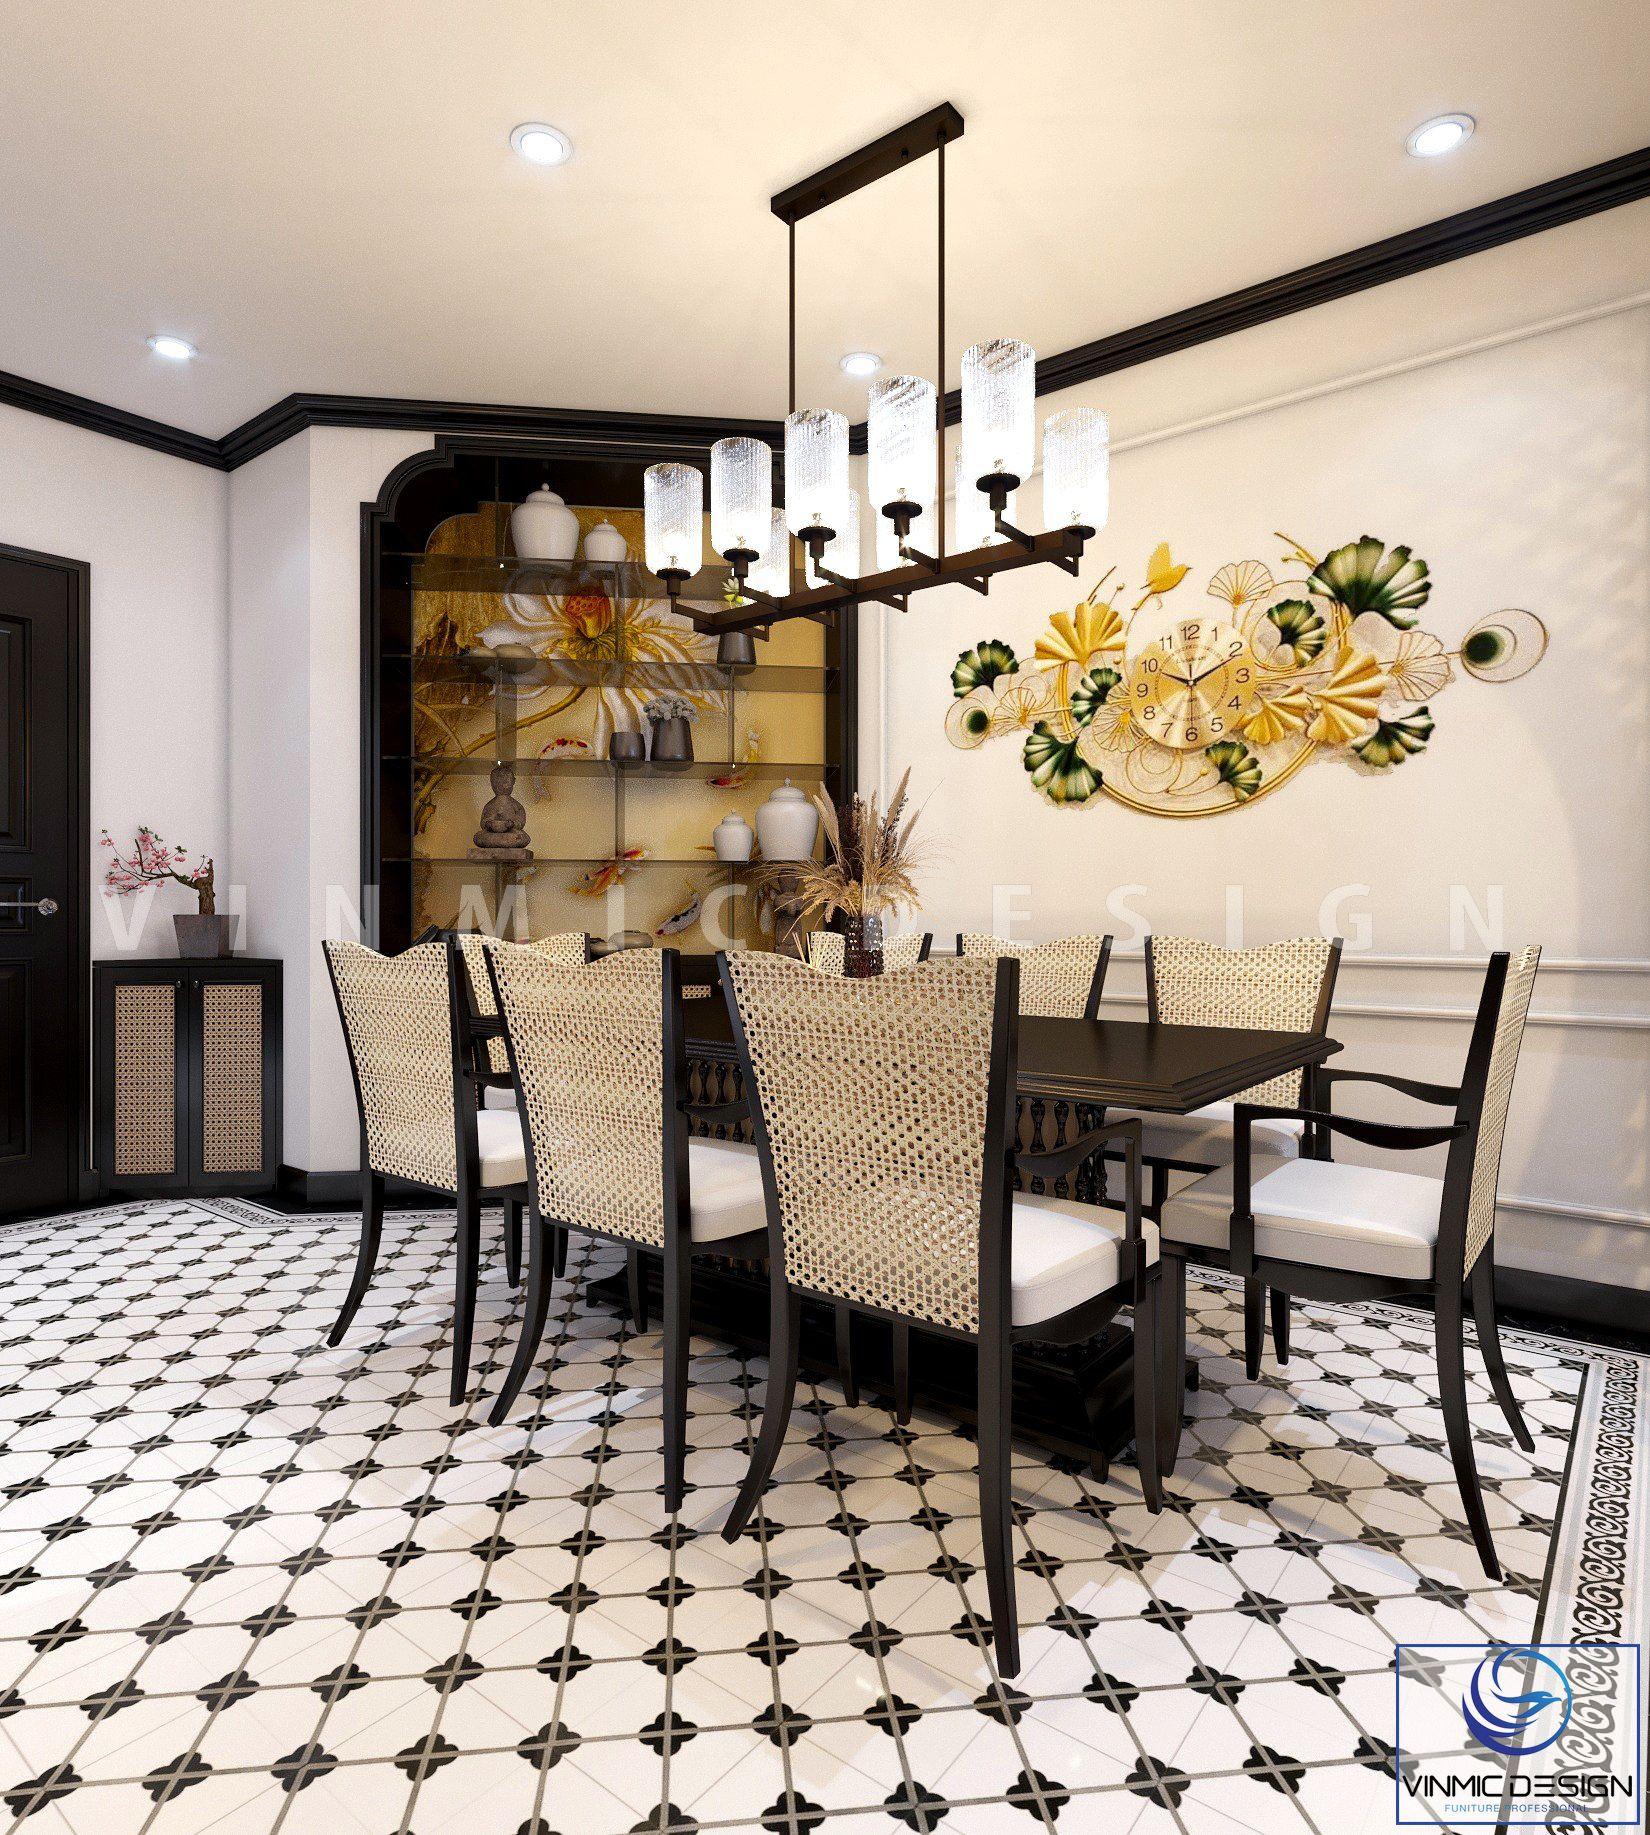 Thiết kế nội thất phòng ăn tinh tế, đầy ý nghĩa tại căn hộ chung cư Sunshine Garden